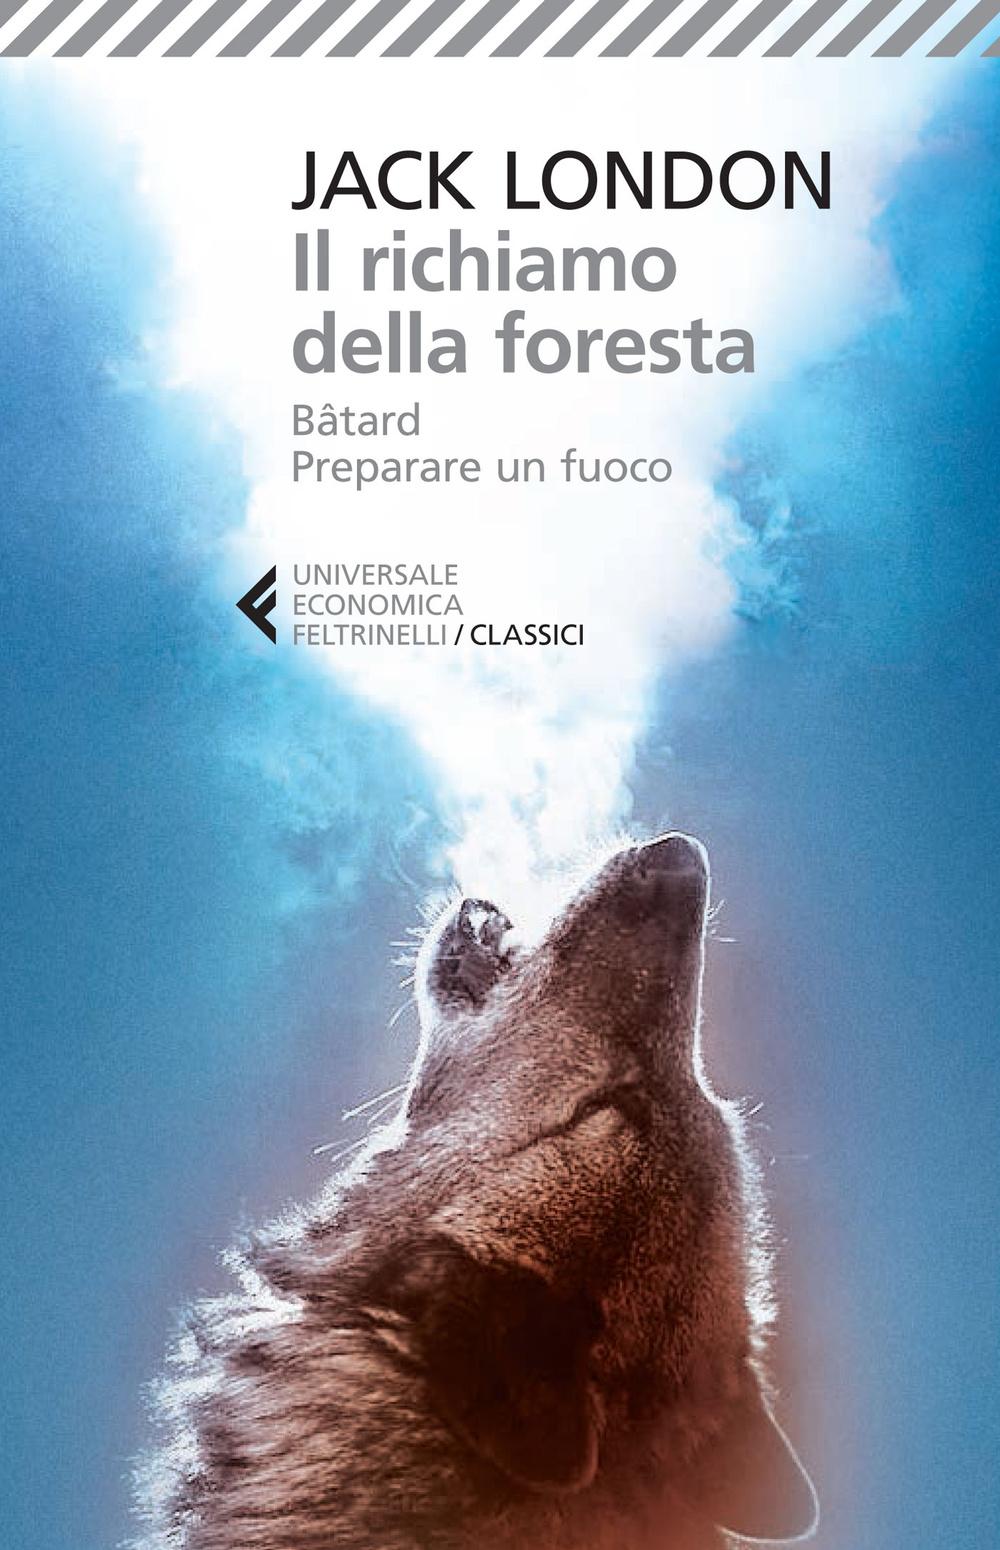 Il richiamo della foresta-Bâtard-Preparare un fuoco